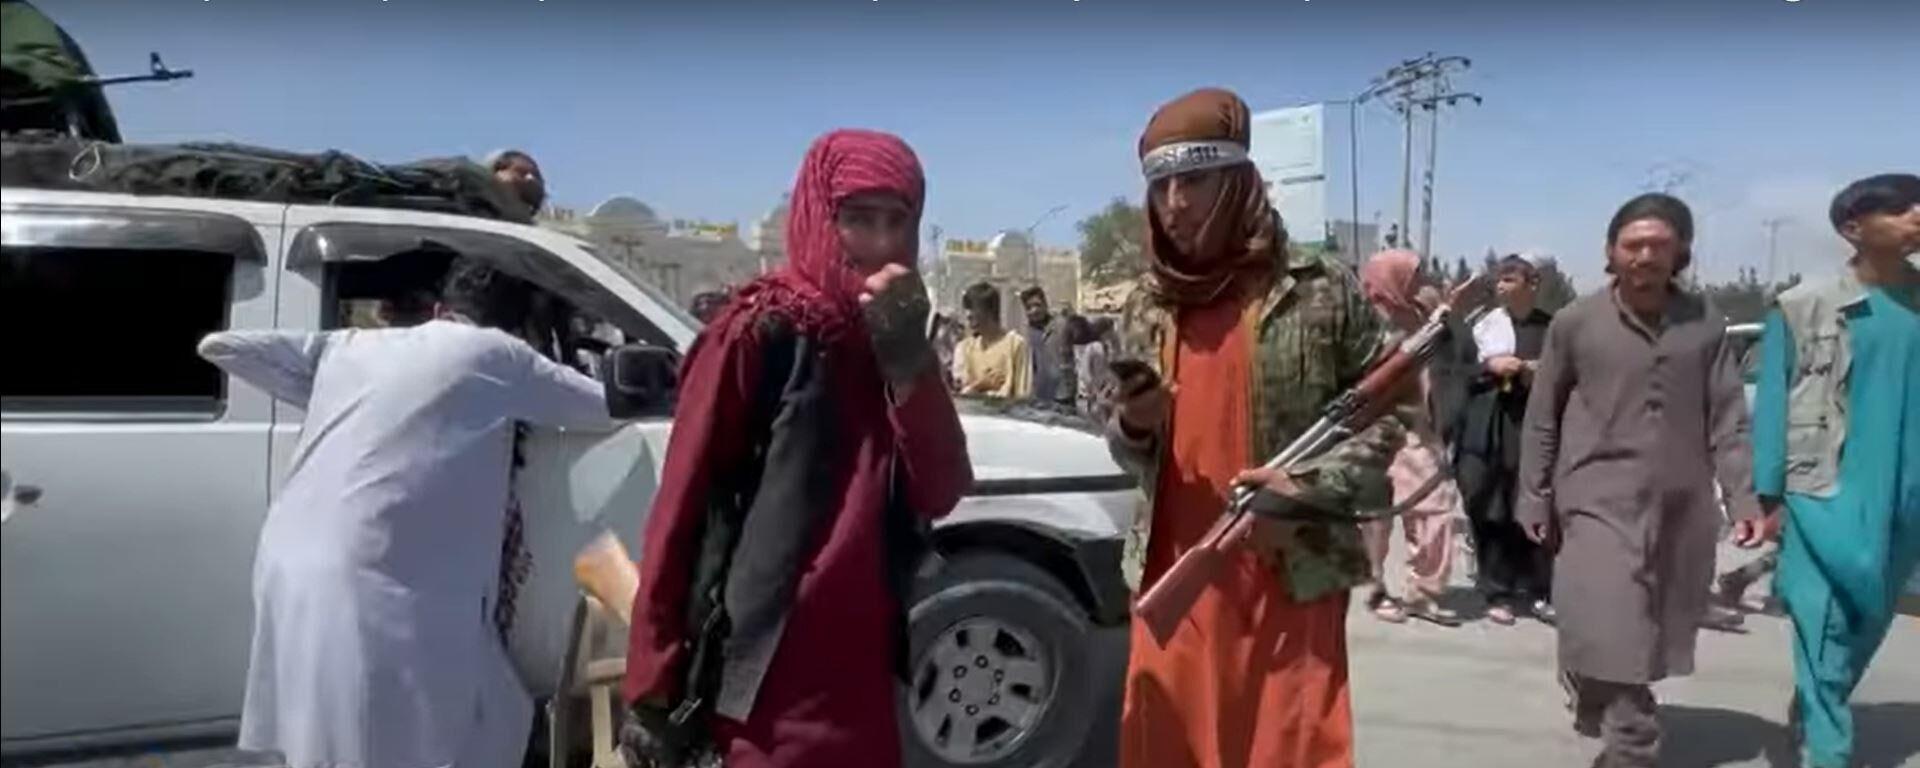 Талибы теряют контроль в Афганистане? ИГ* взрывает Кабул, США хотят отомстить - Sputnik Латвия, 1920, 27.08.2021